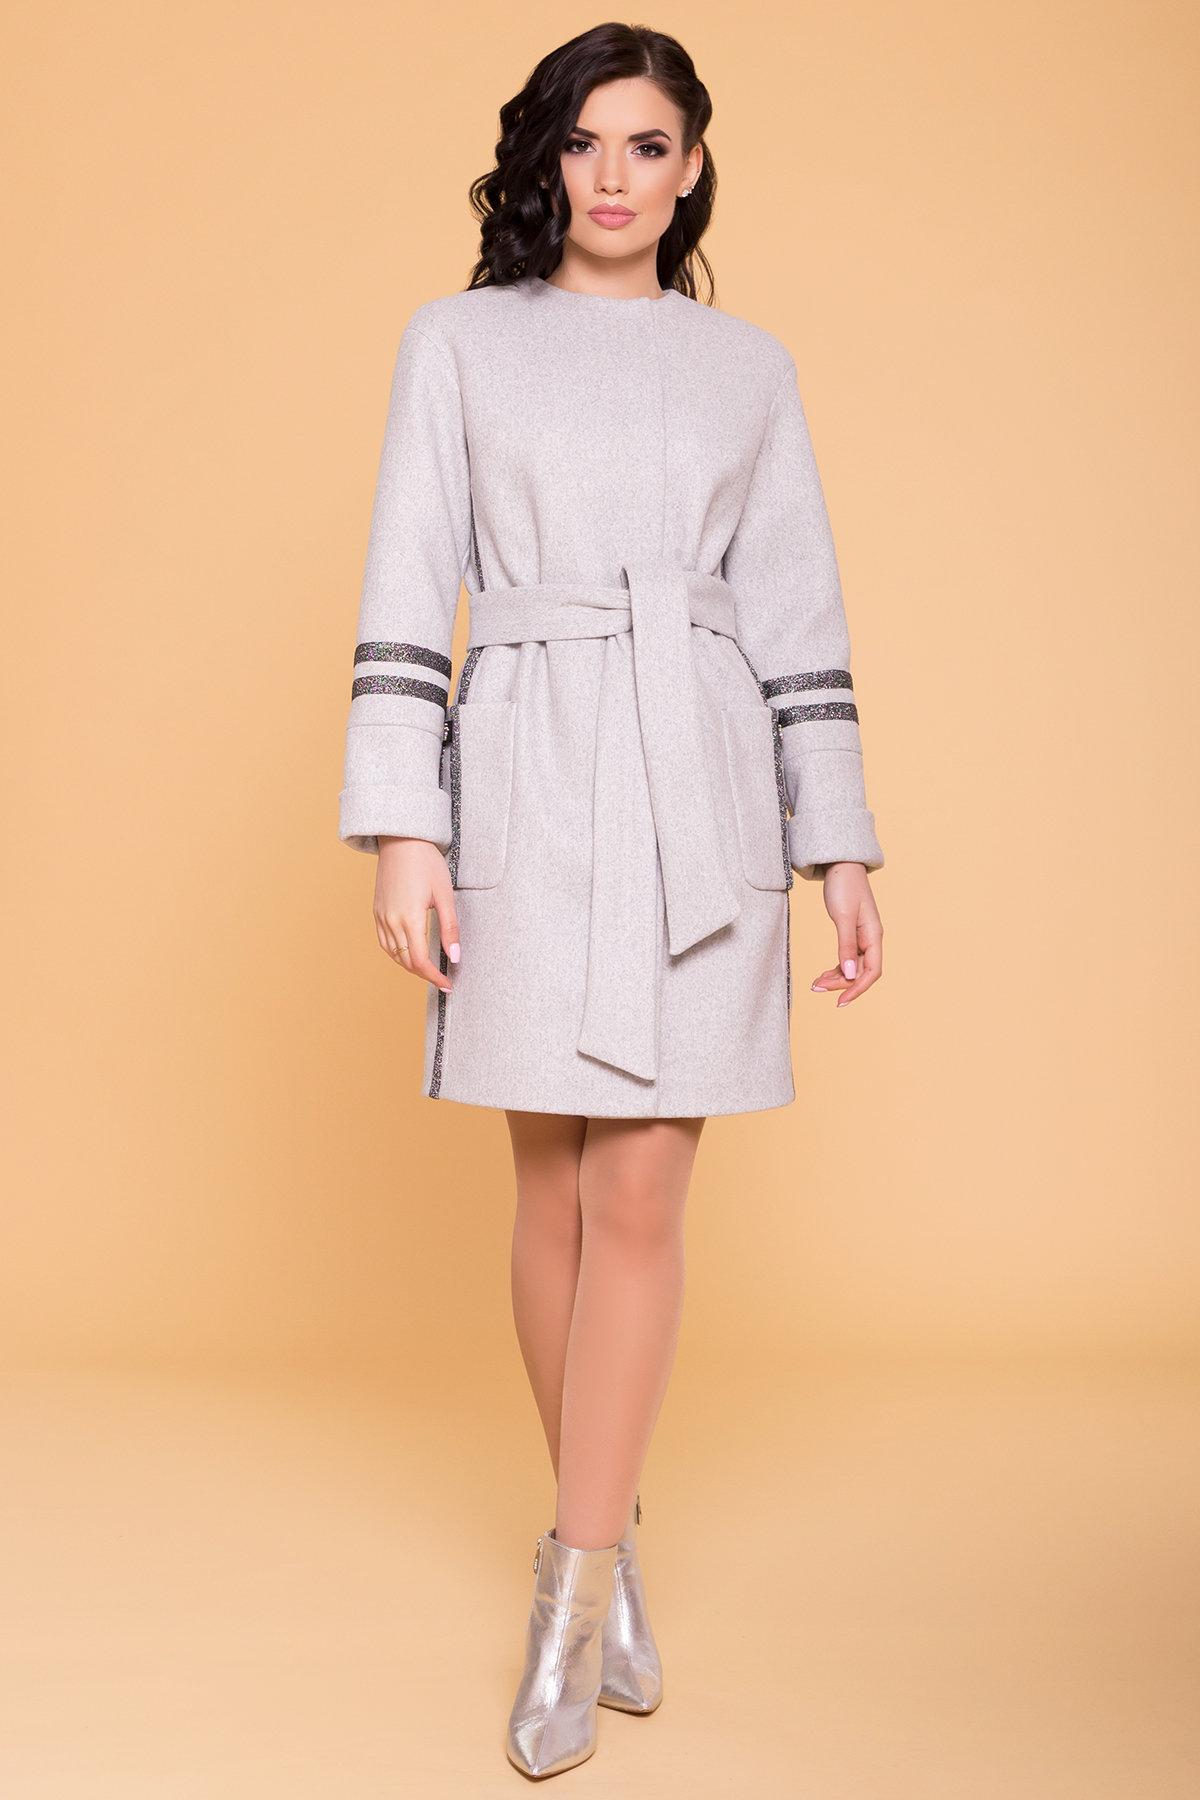 Купить оптом женское пальто недорого Пальто Приоритет лайт 6300